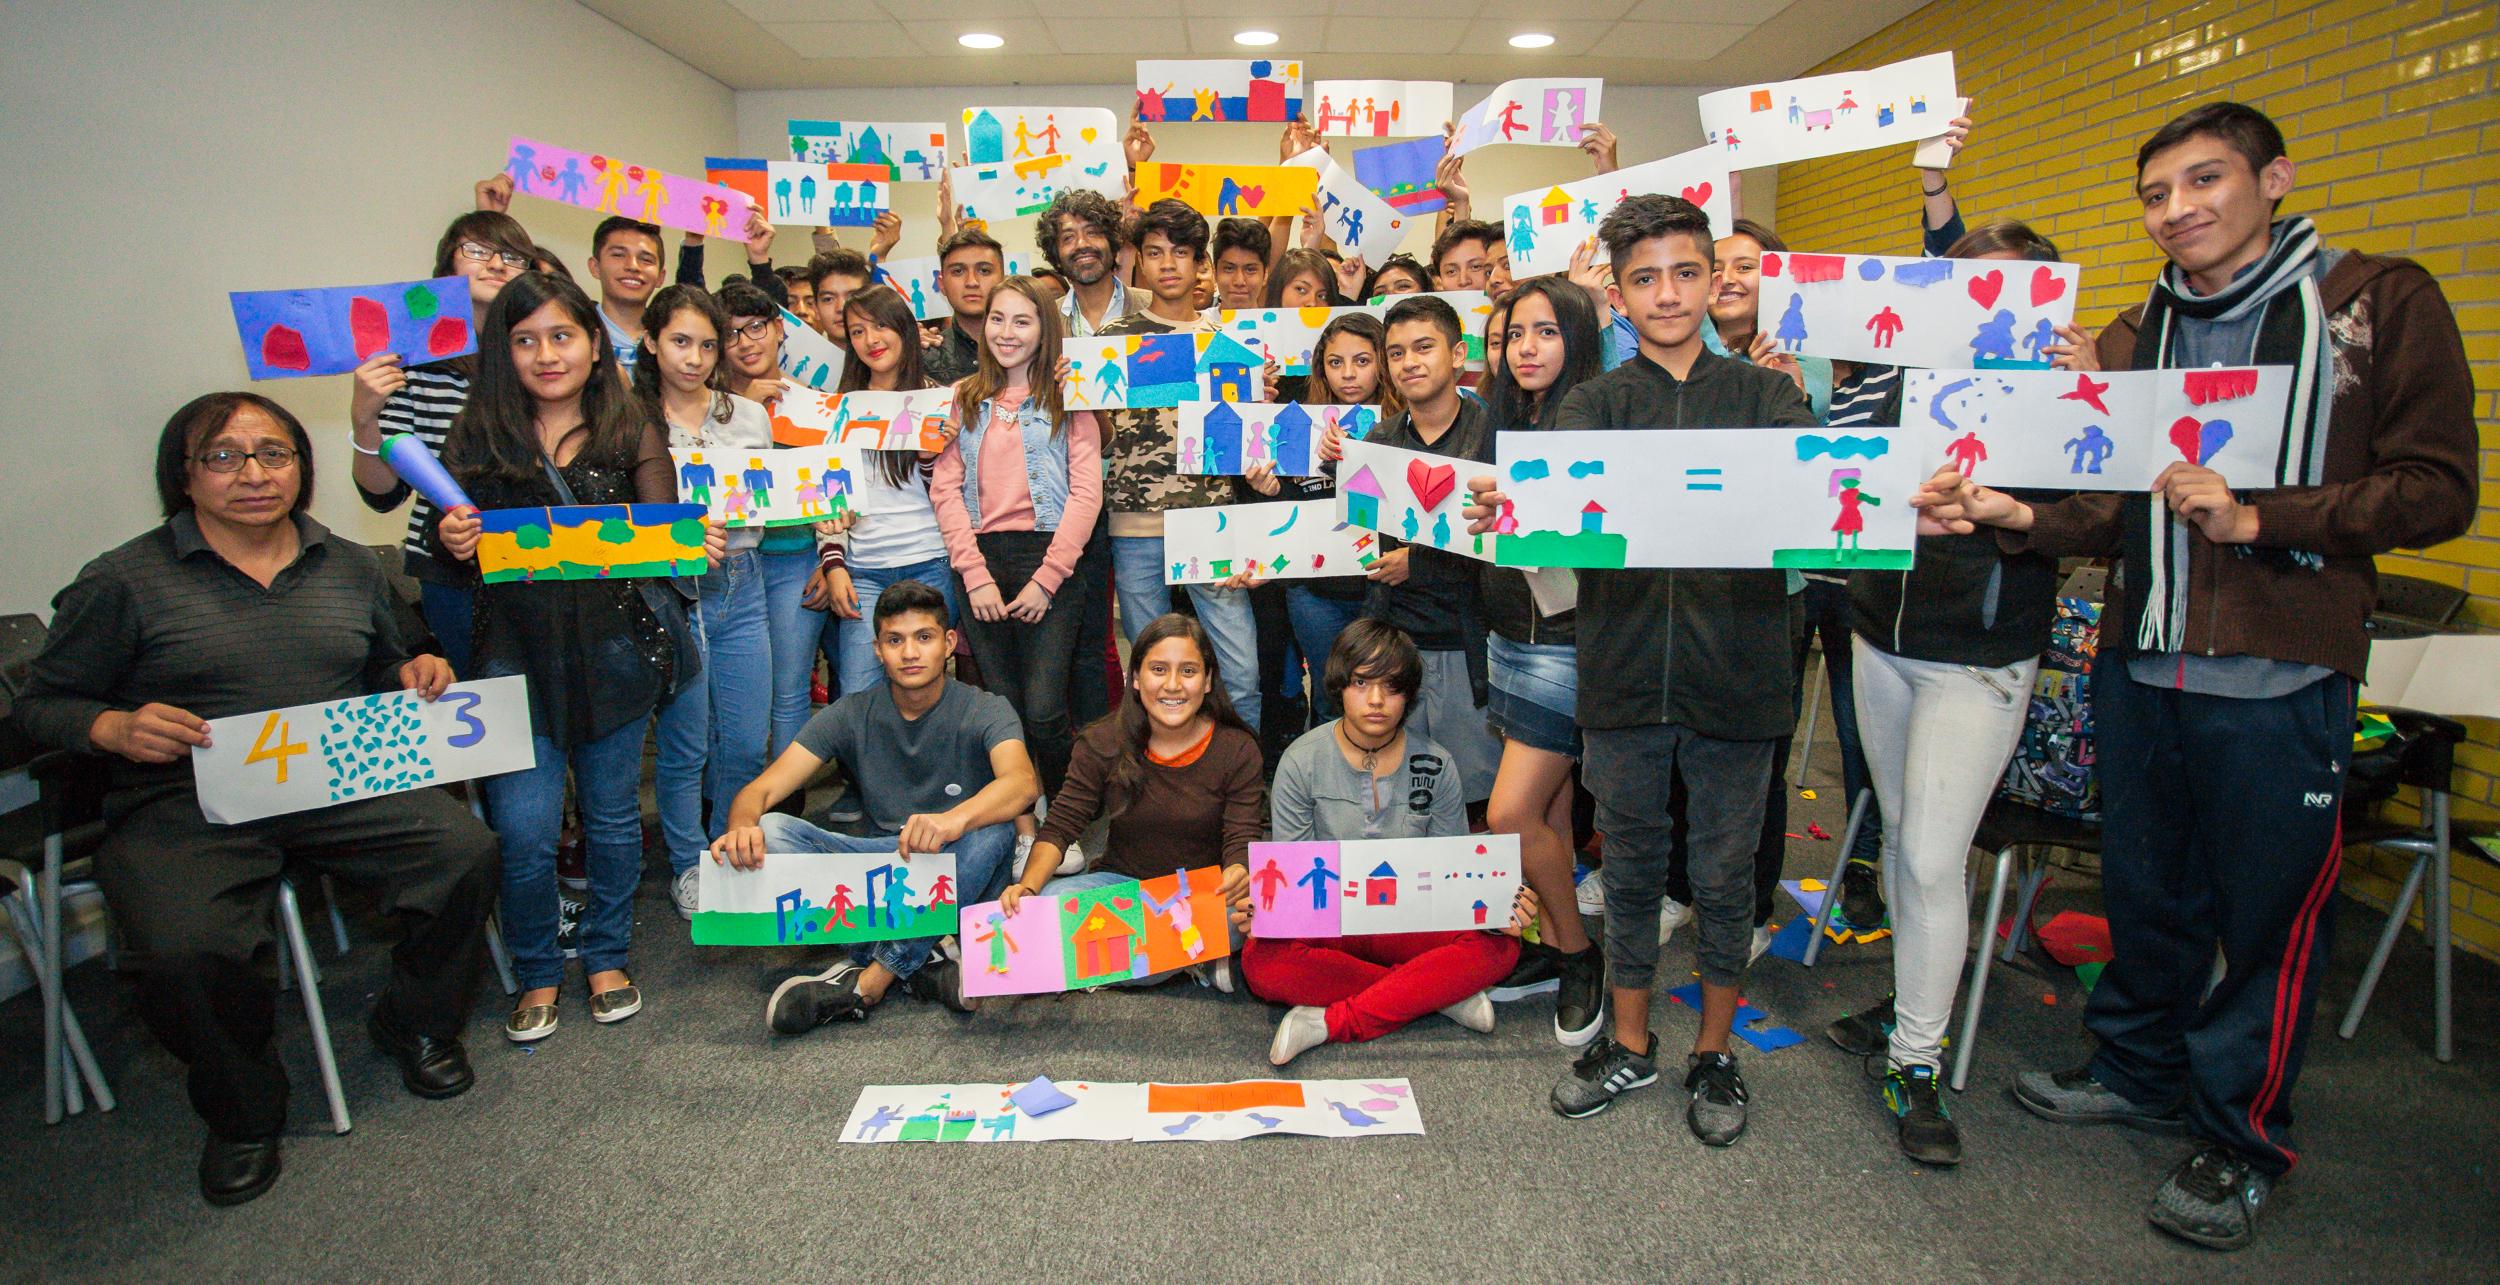 El taller de ilustración despertó gran interés entre los estudiantes.